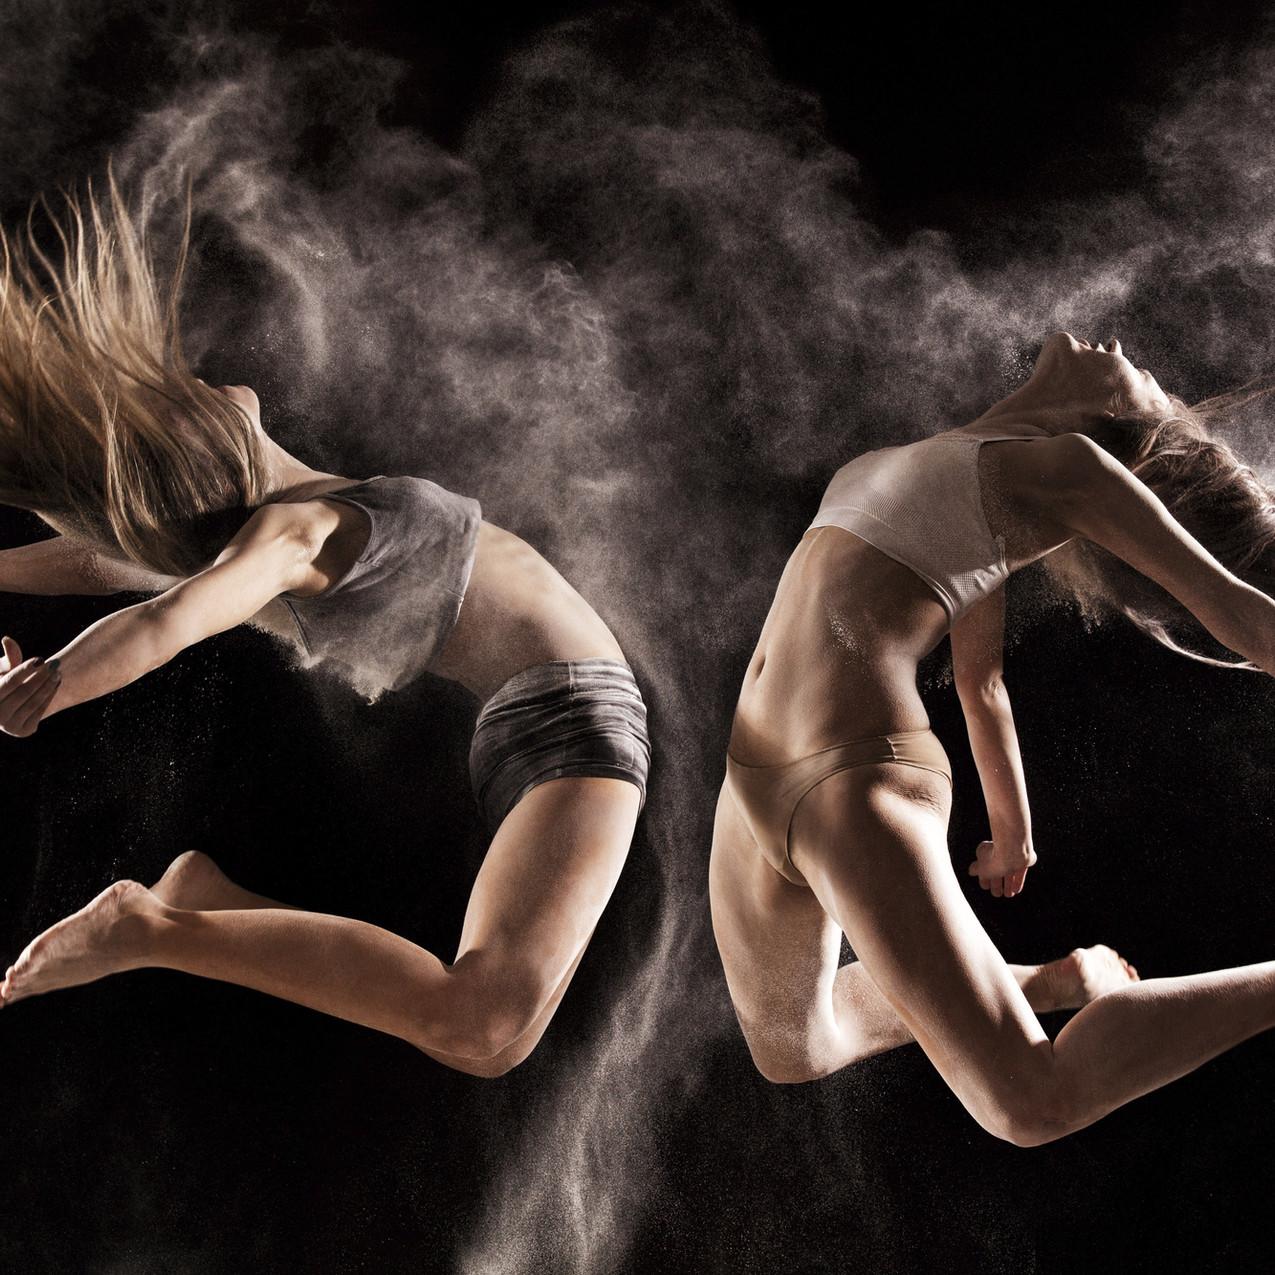 Las mujeres que saltan durante la interpretación